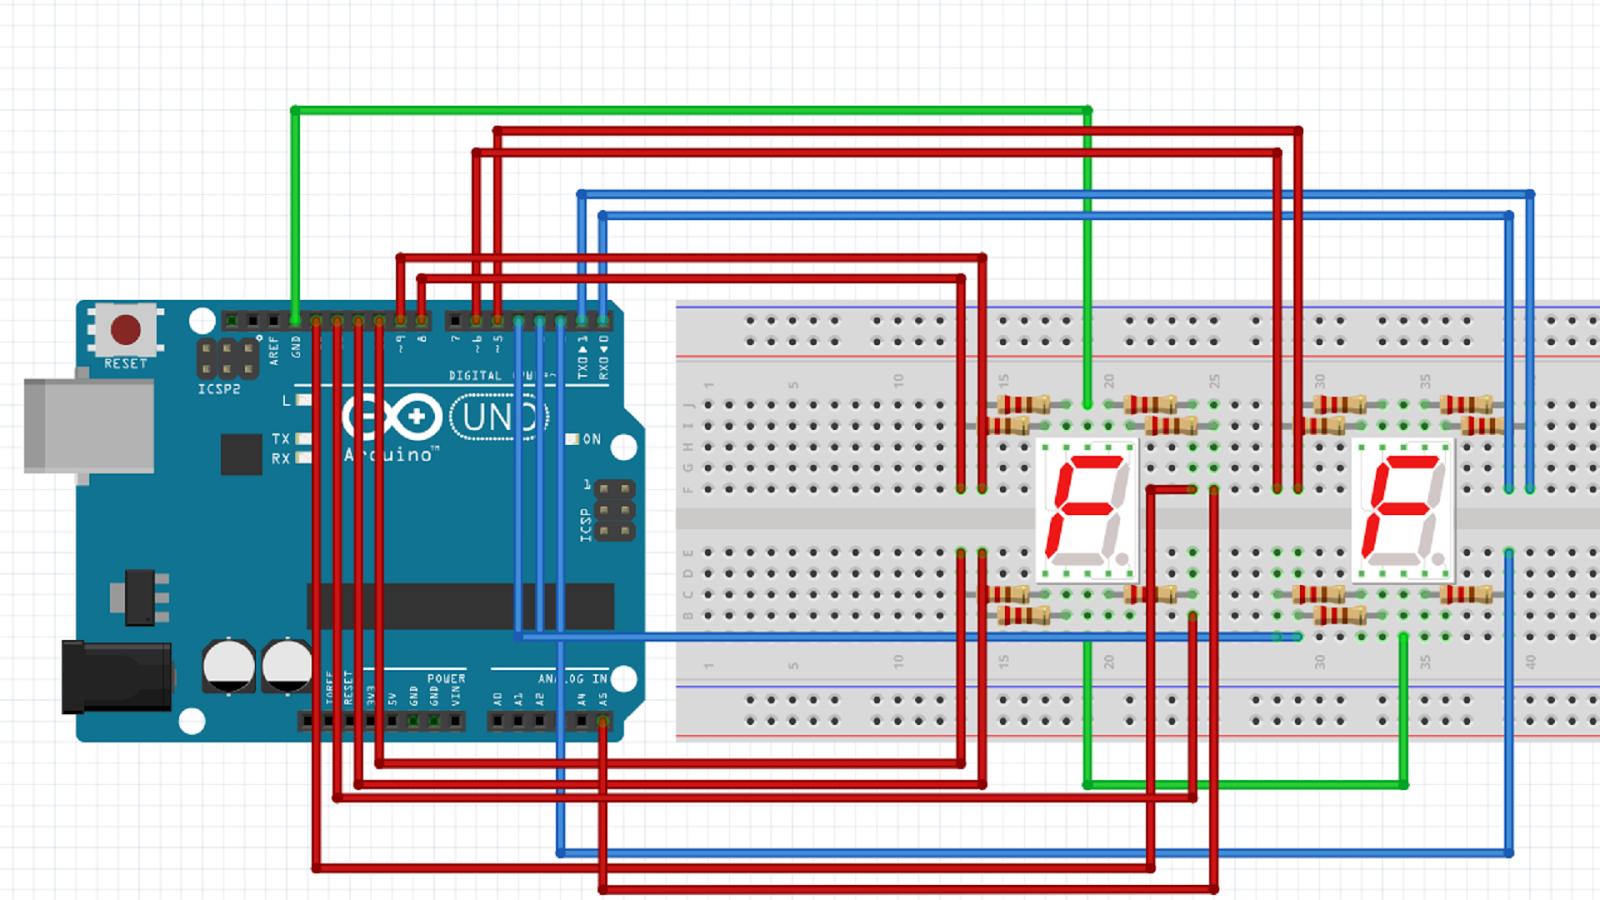 Arduino基本實習操作:七段顯示器計1數到60